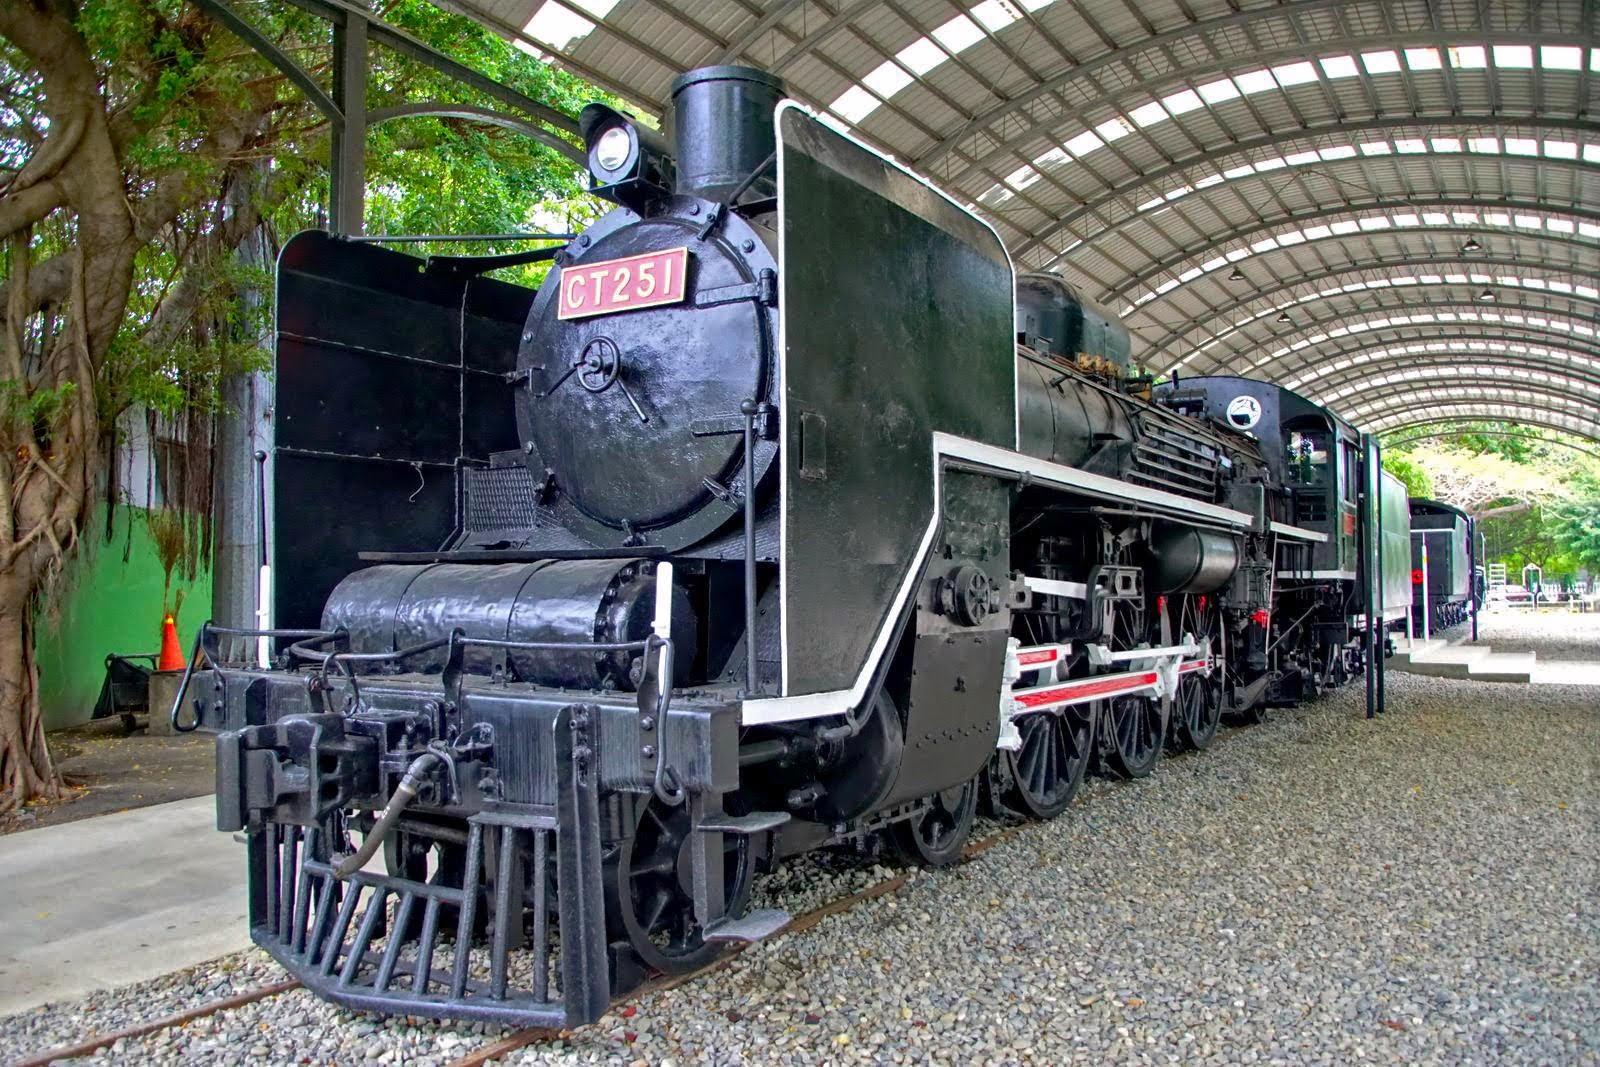 [台南][南區] 原台灣總督府蒸汽機關車|C551、D512|台南體育公園|遊記